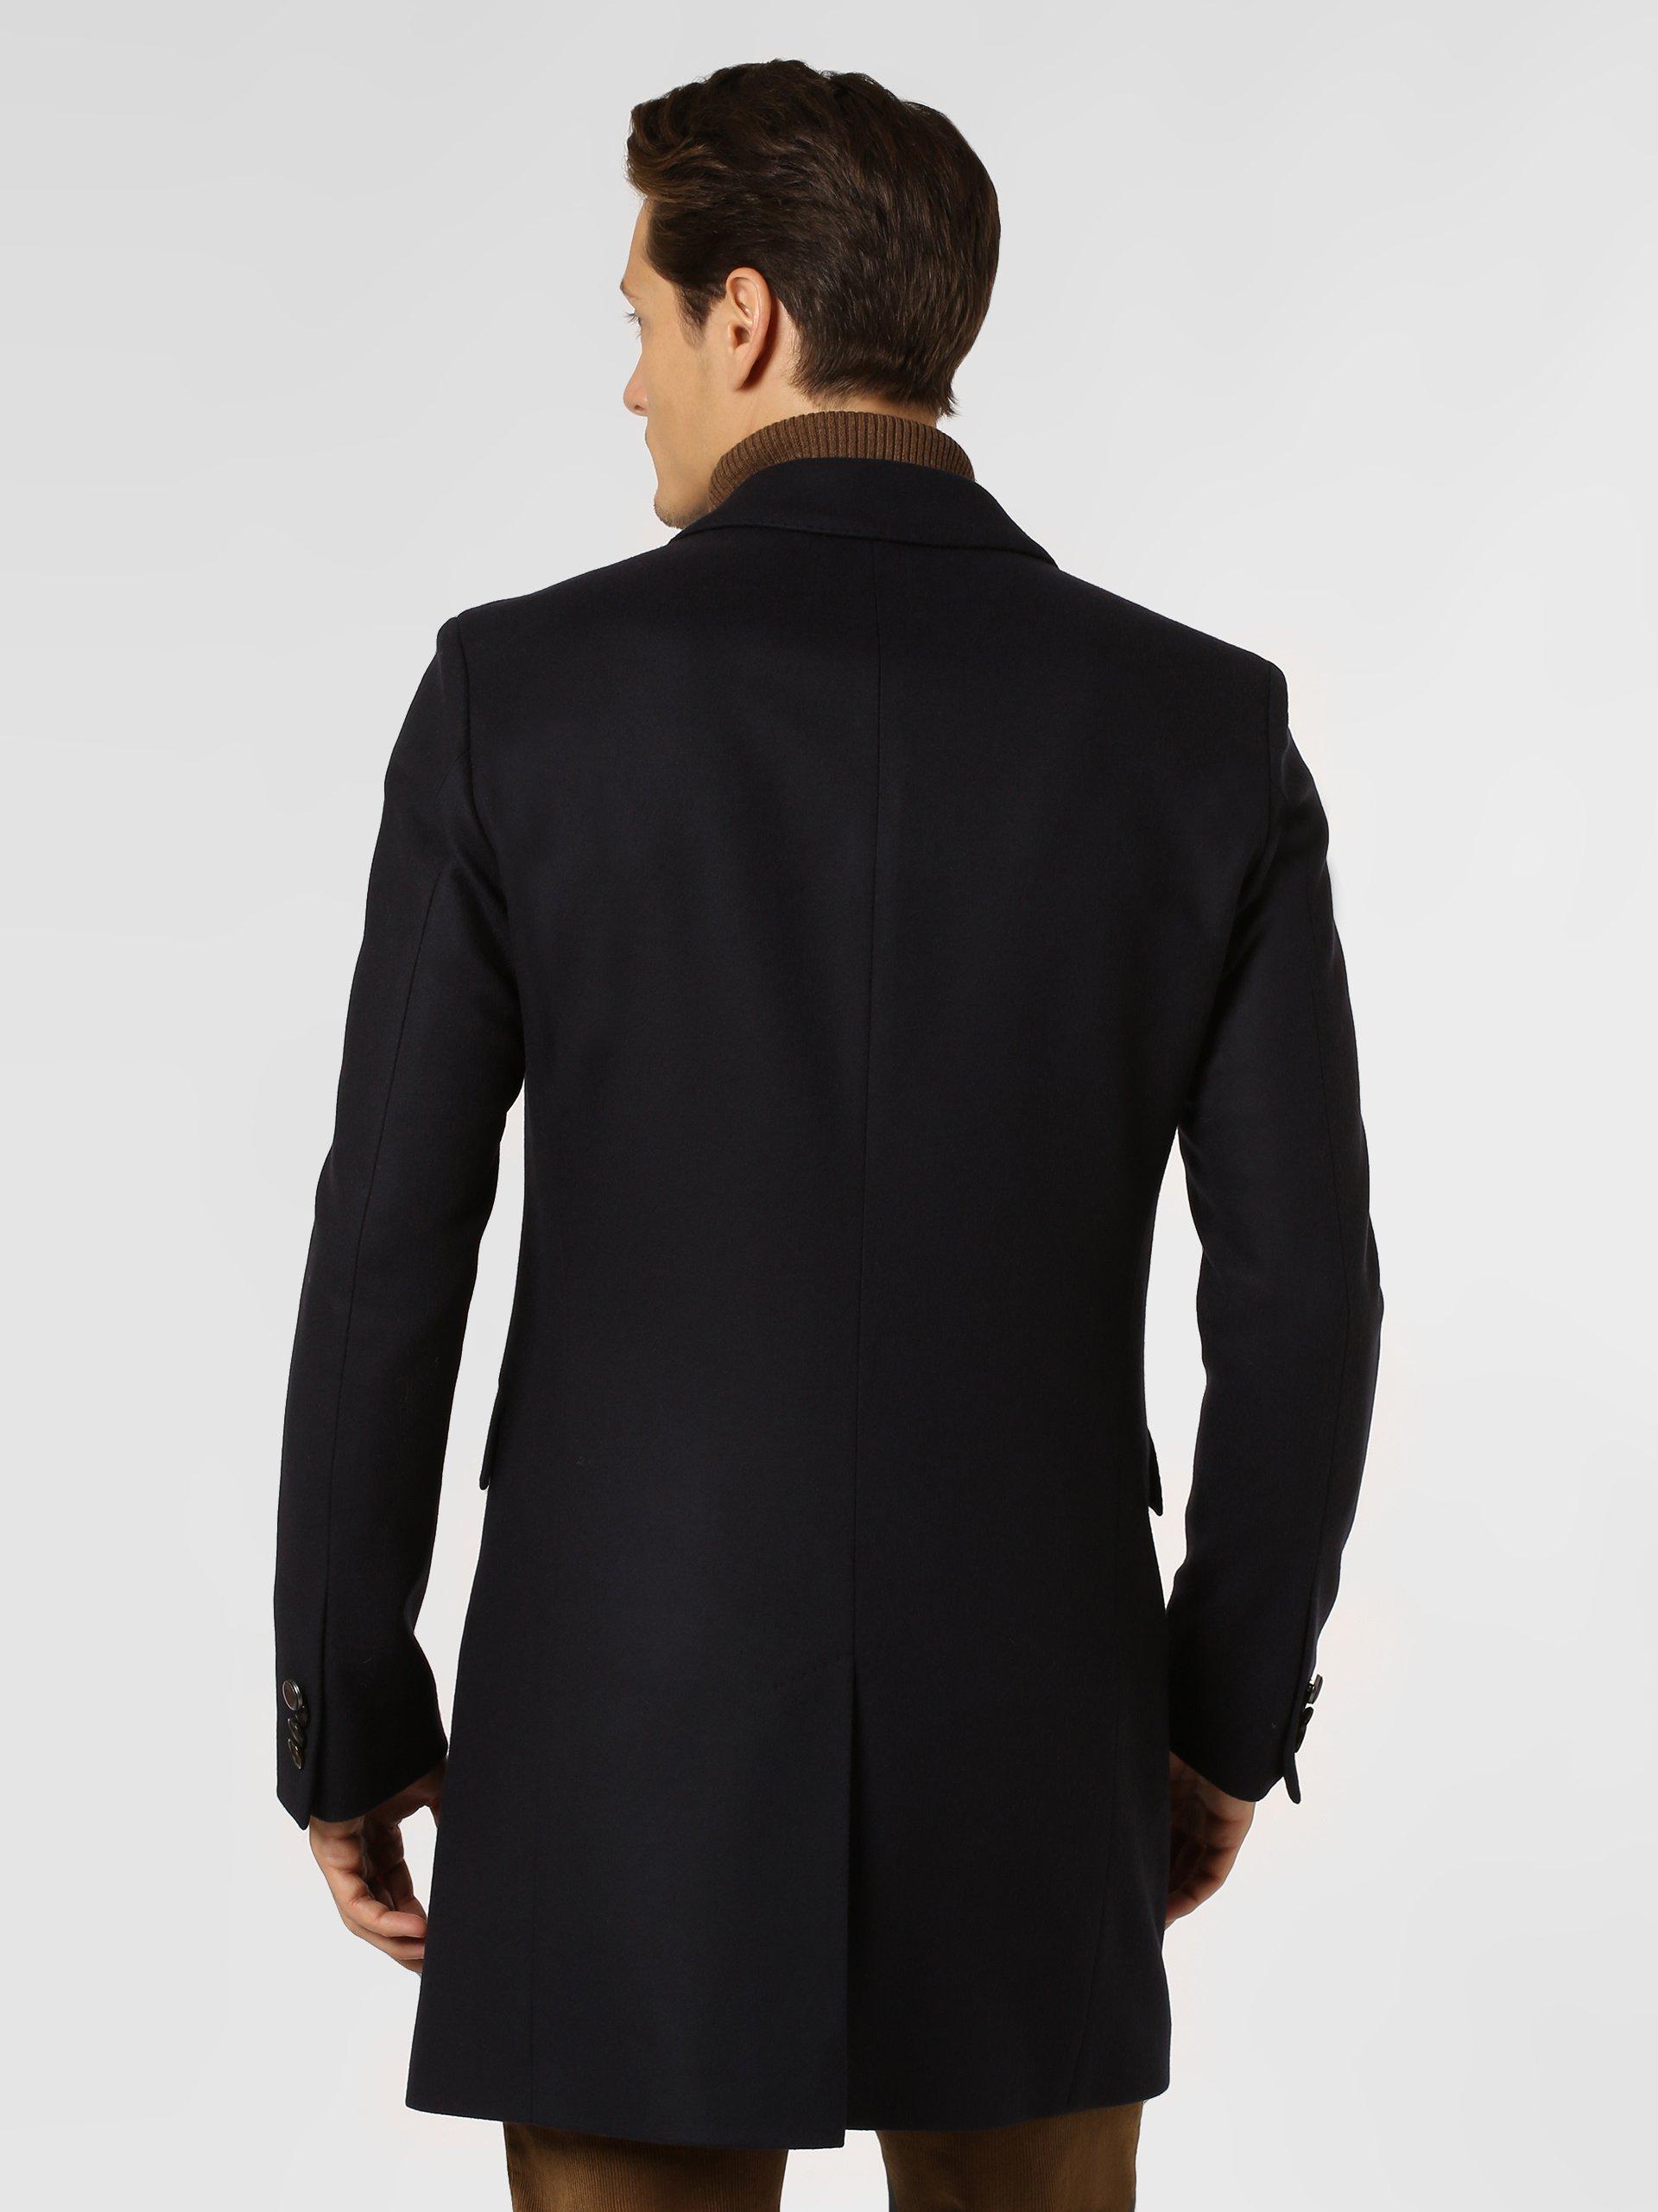 Savile Row Płaszcz męski z dodatkiem kaszmiru – Major